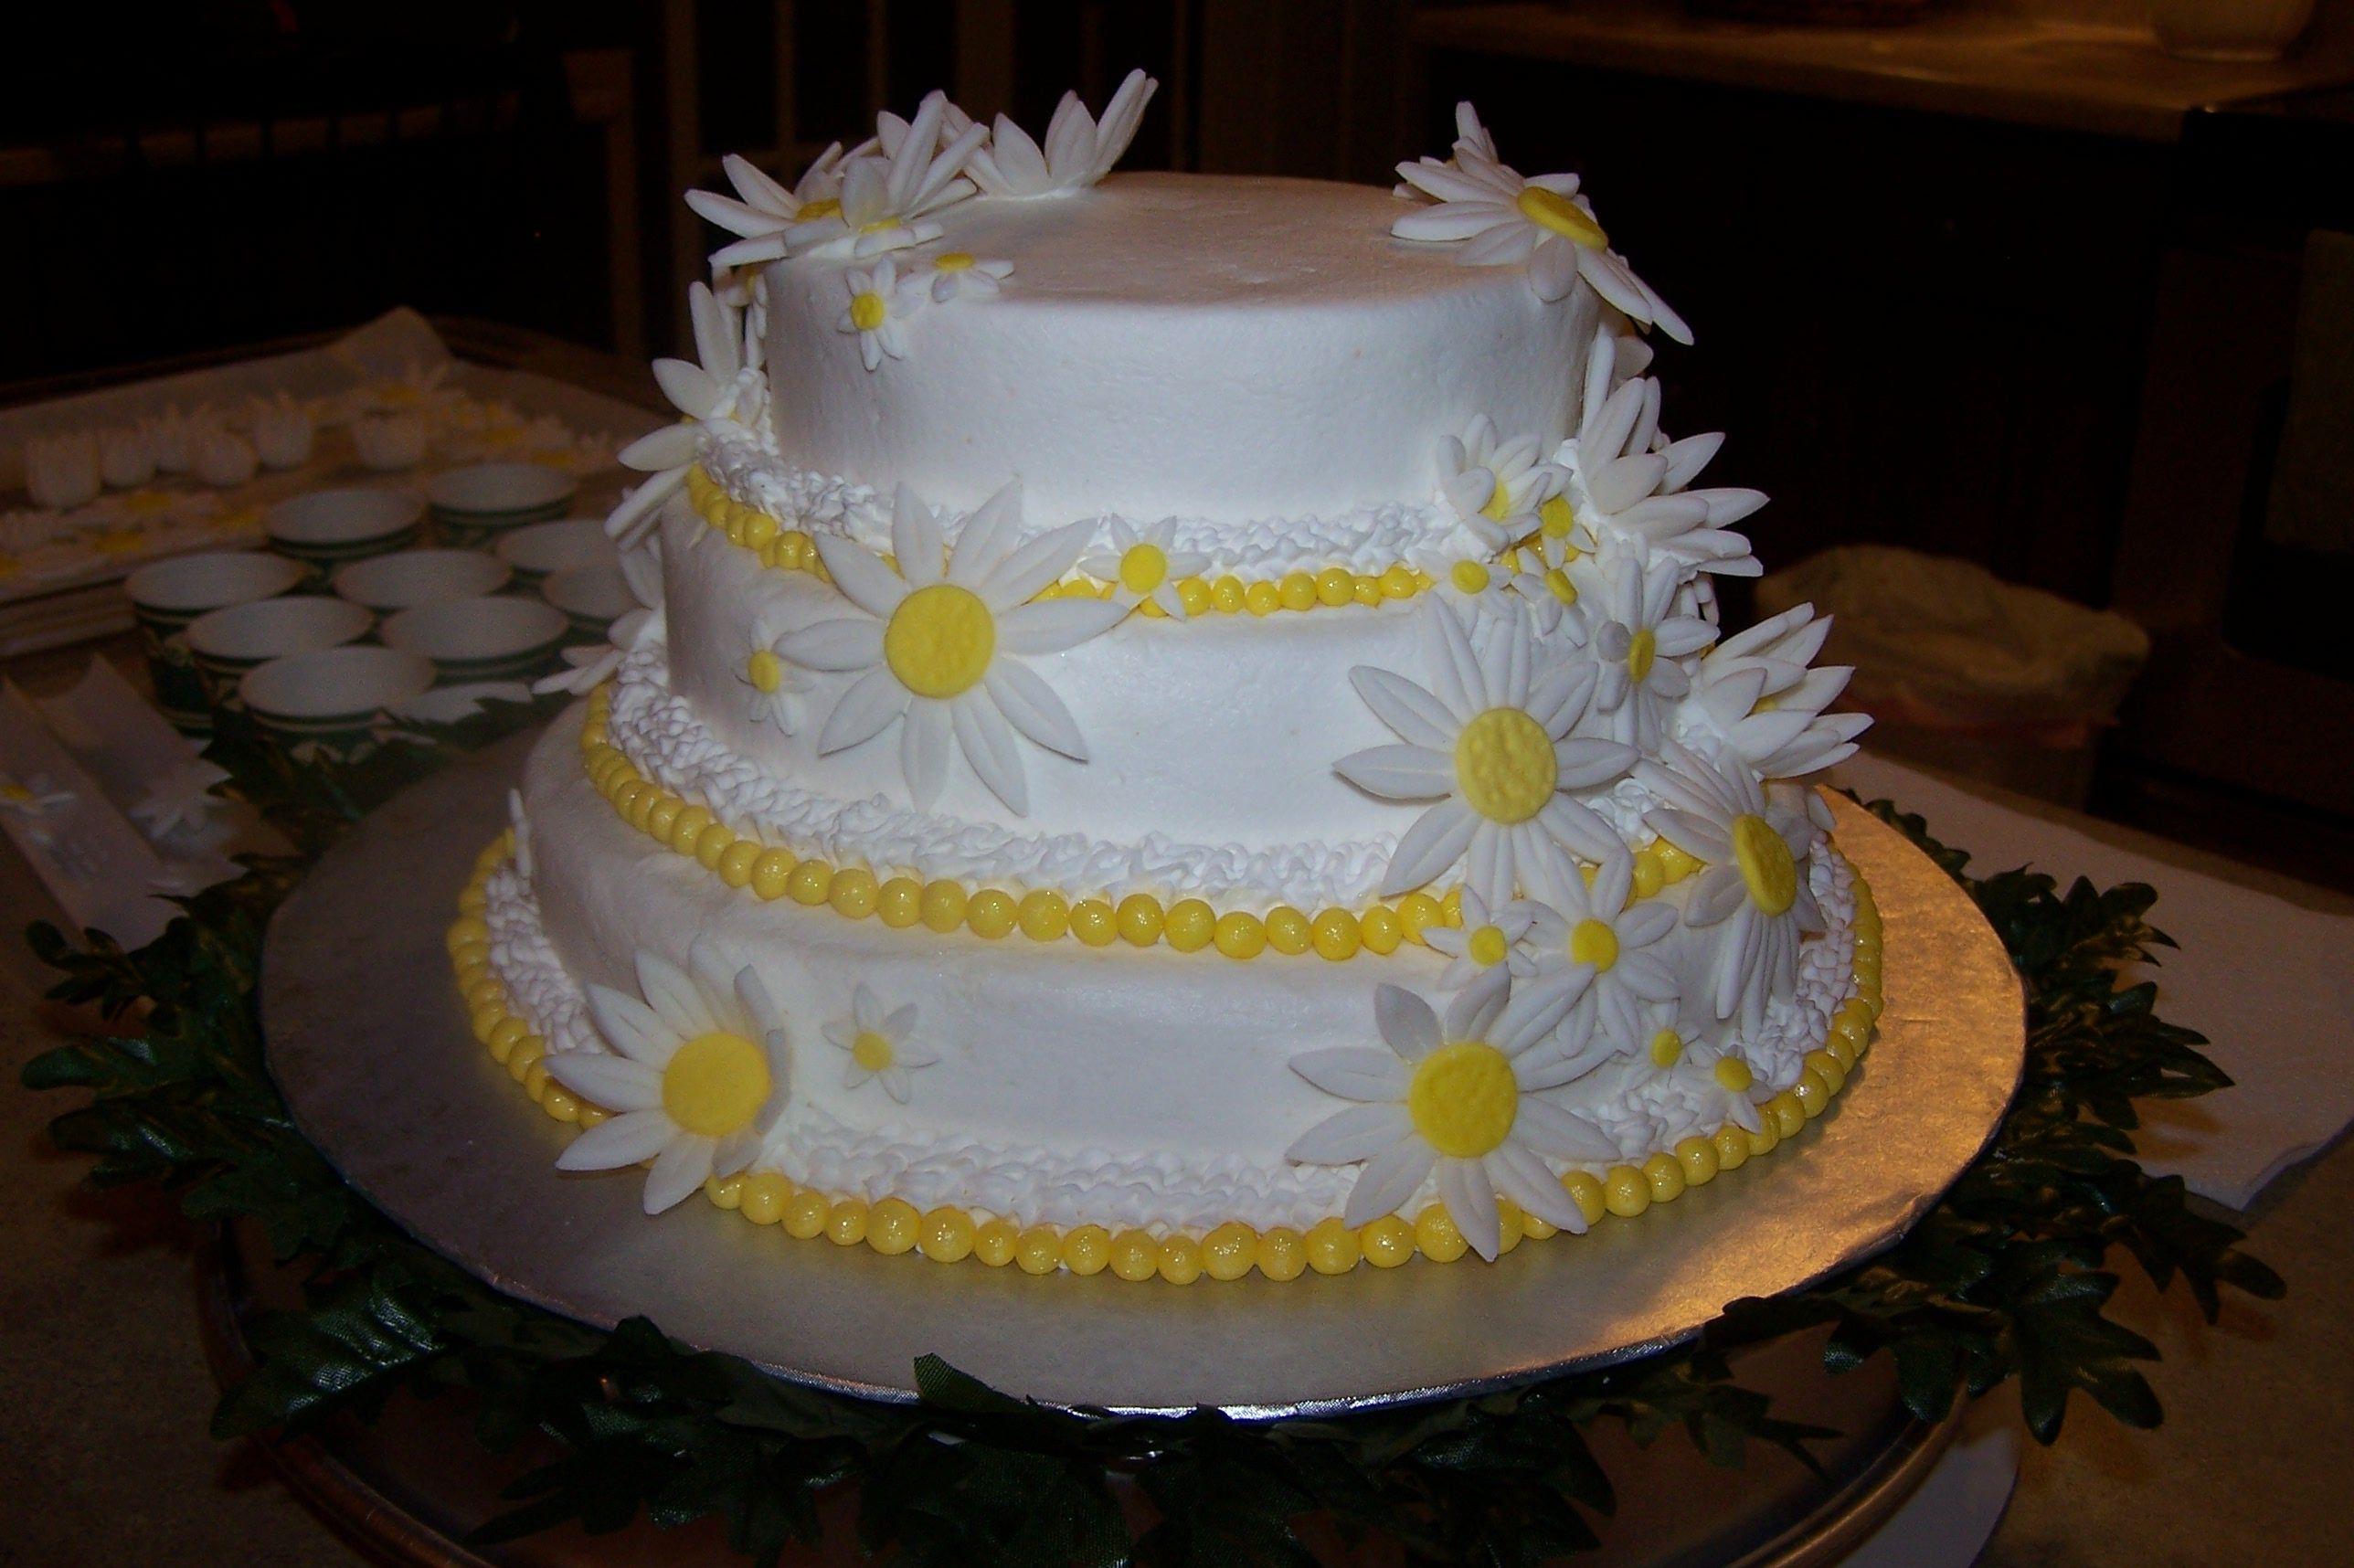 bridal shower cake diannes custom cakes pinterest. Black Bedroom Furniture Sets. Home Design Ideas